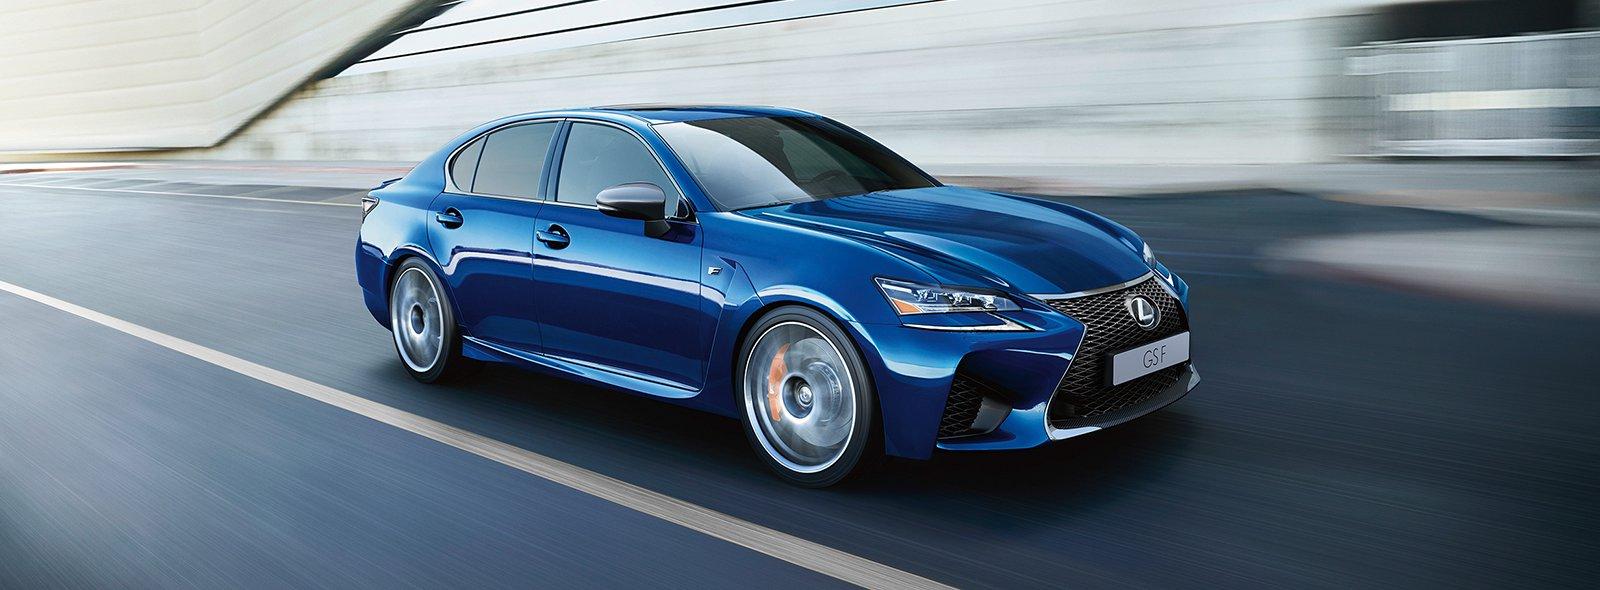 Lexus GS F i rörelse